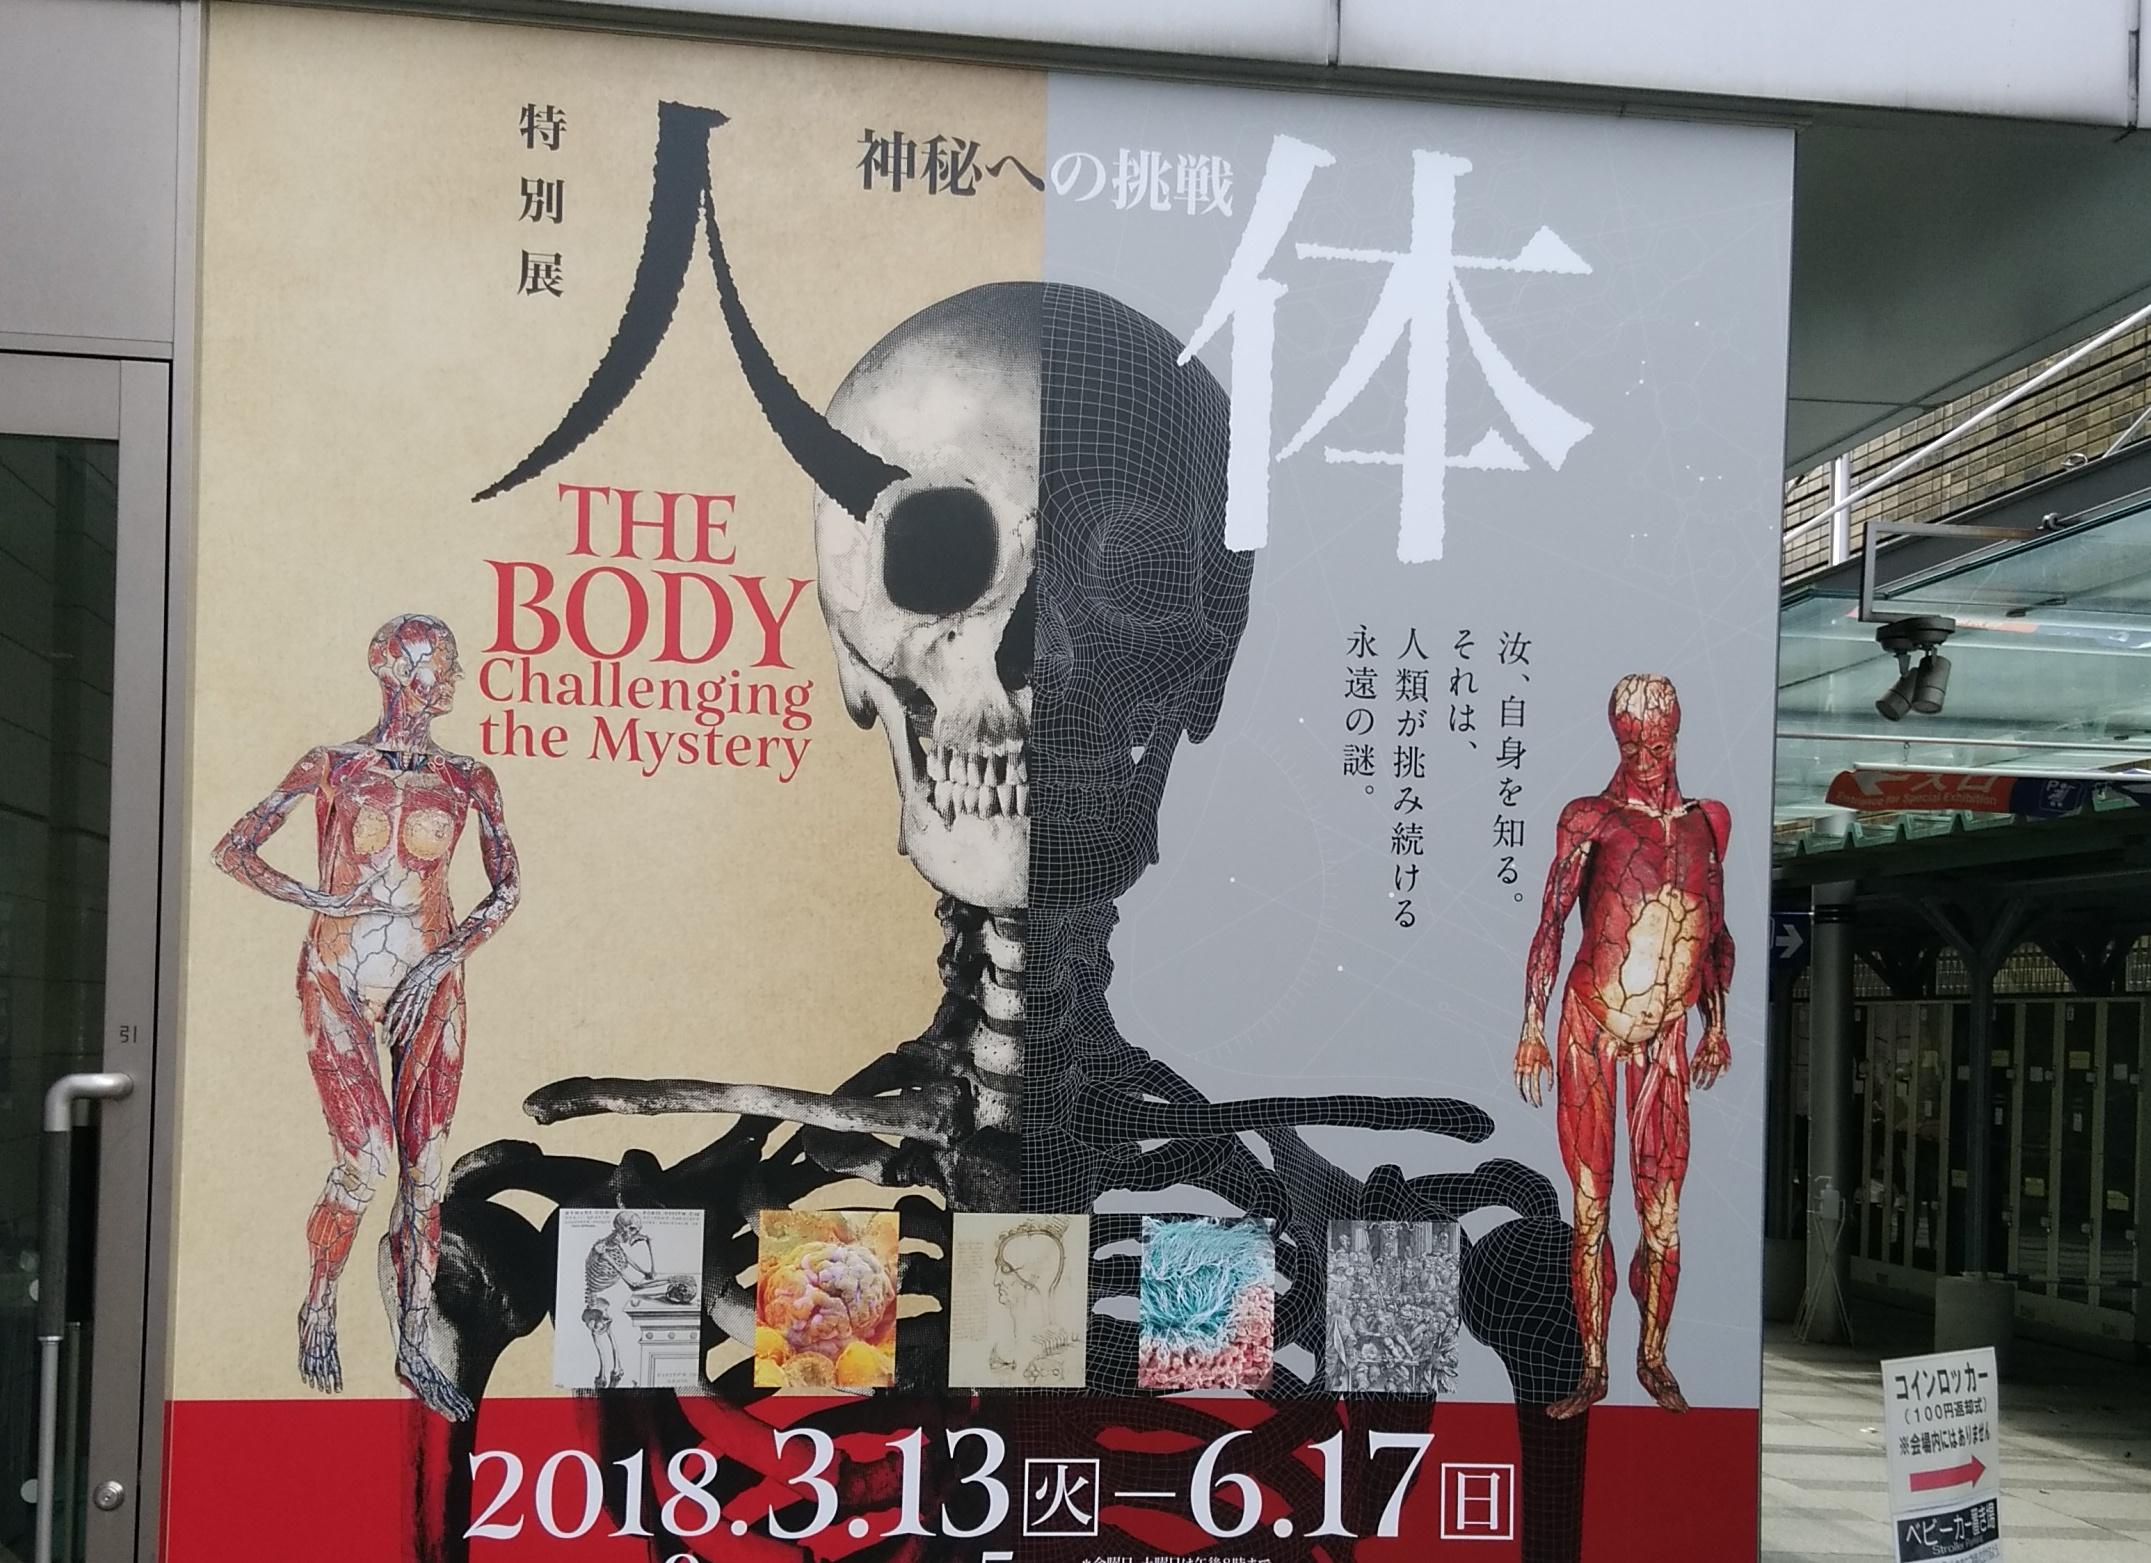 国立科学博物館・特別展「人体 -神秘への挑戦-」行ってきました